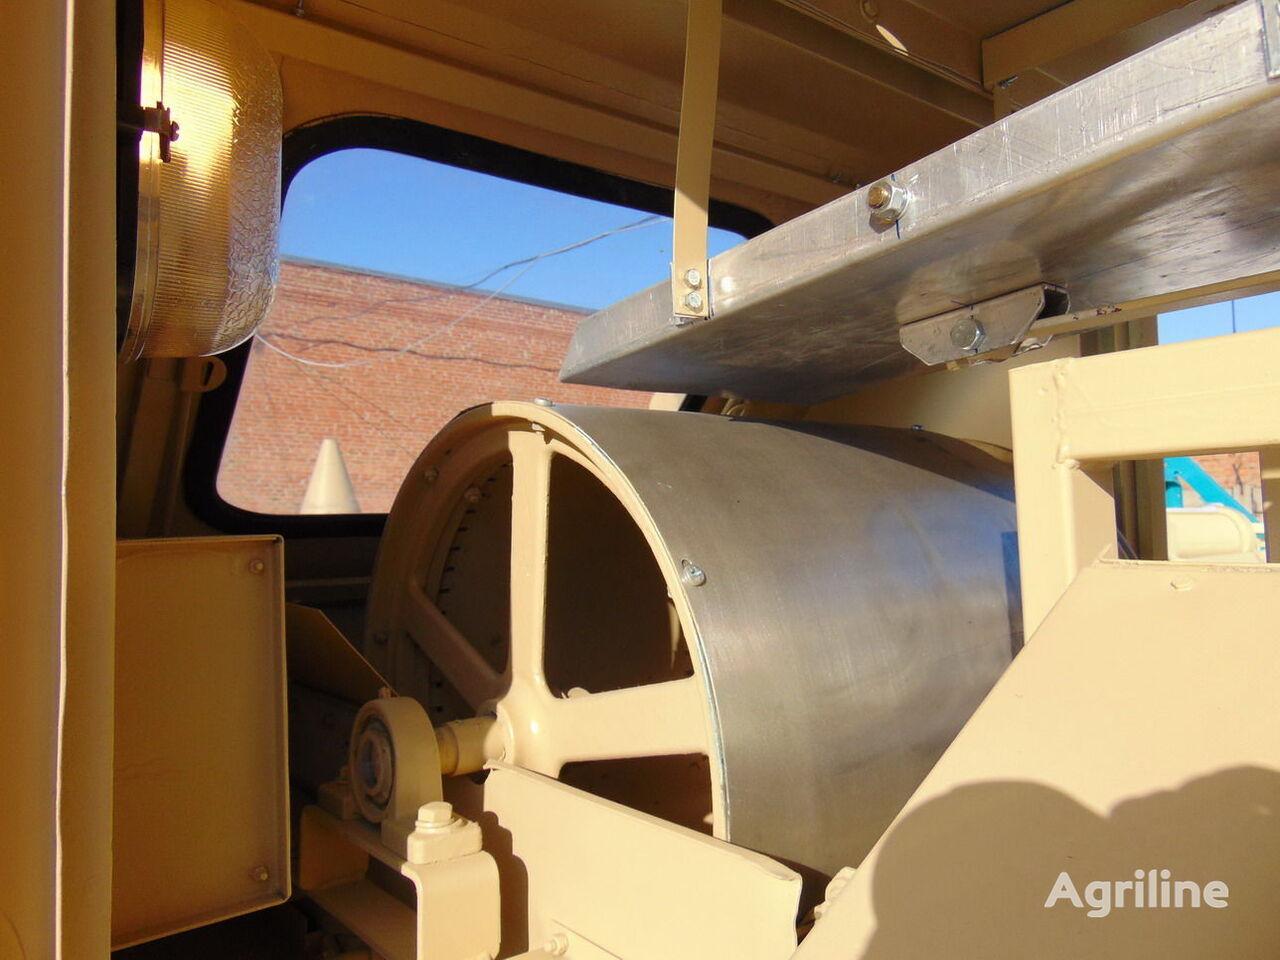 Vendita di pulitori per cereali petkus k 590 pulitore per for Pulitore di cabina